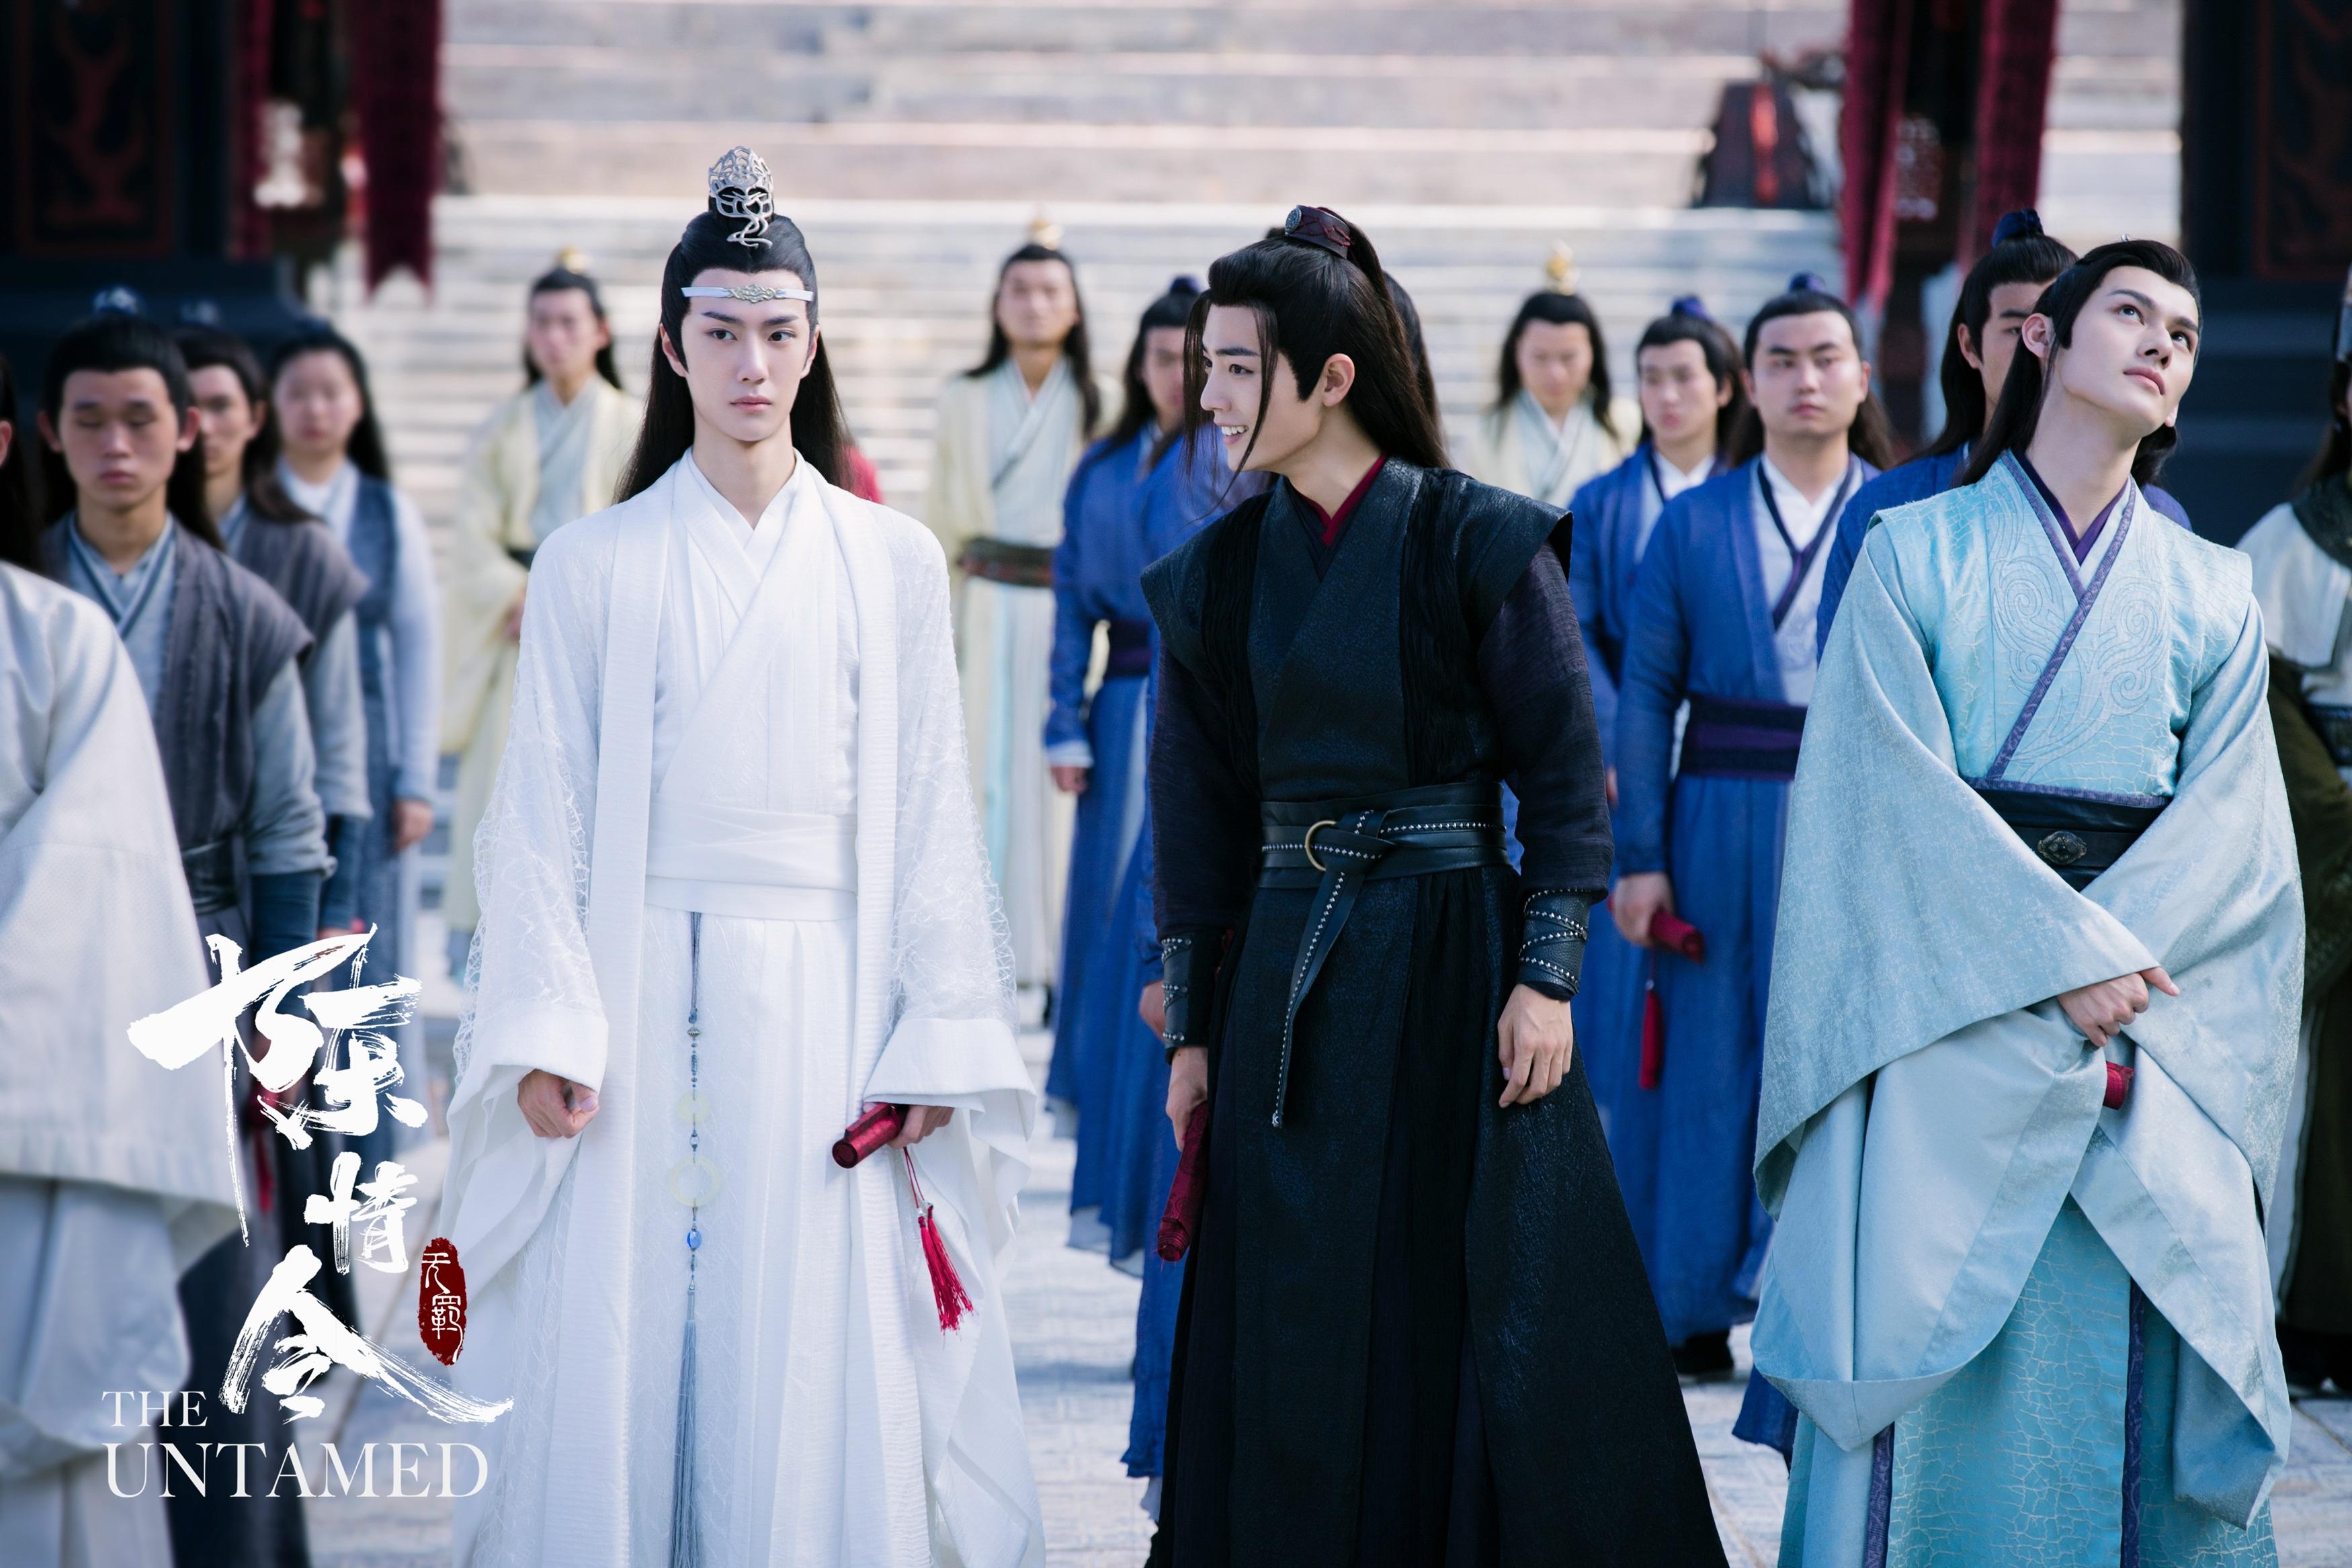 Lan Zhan Lan Wangji Wang Yibo Wei Ying Wei Wuxian Xiao Zhan Jiang Wanyin Jiang Cheng Wang Zhuocheng 3500x2334